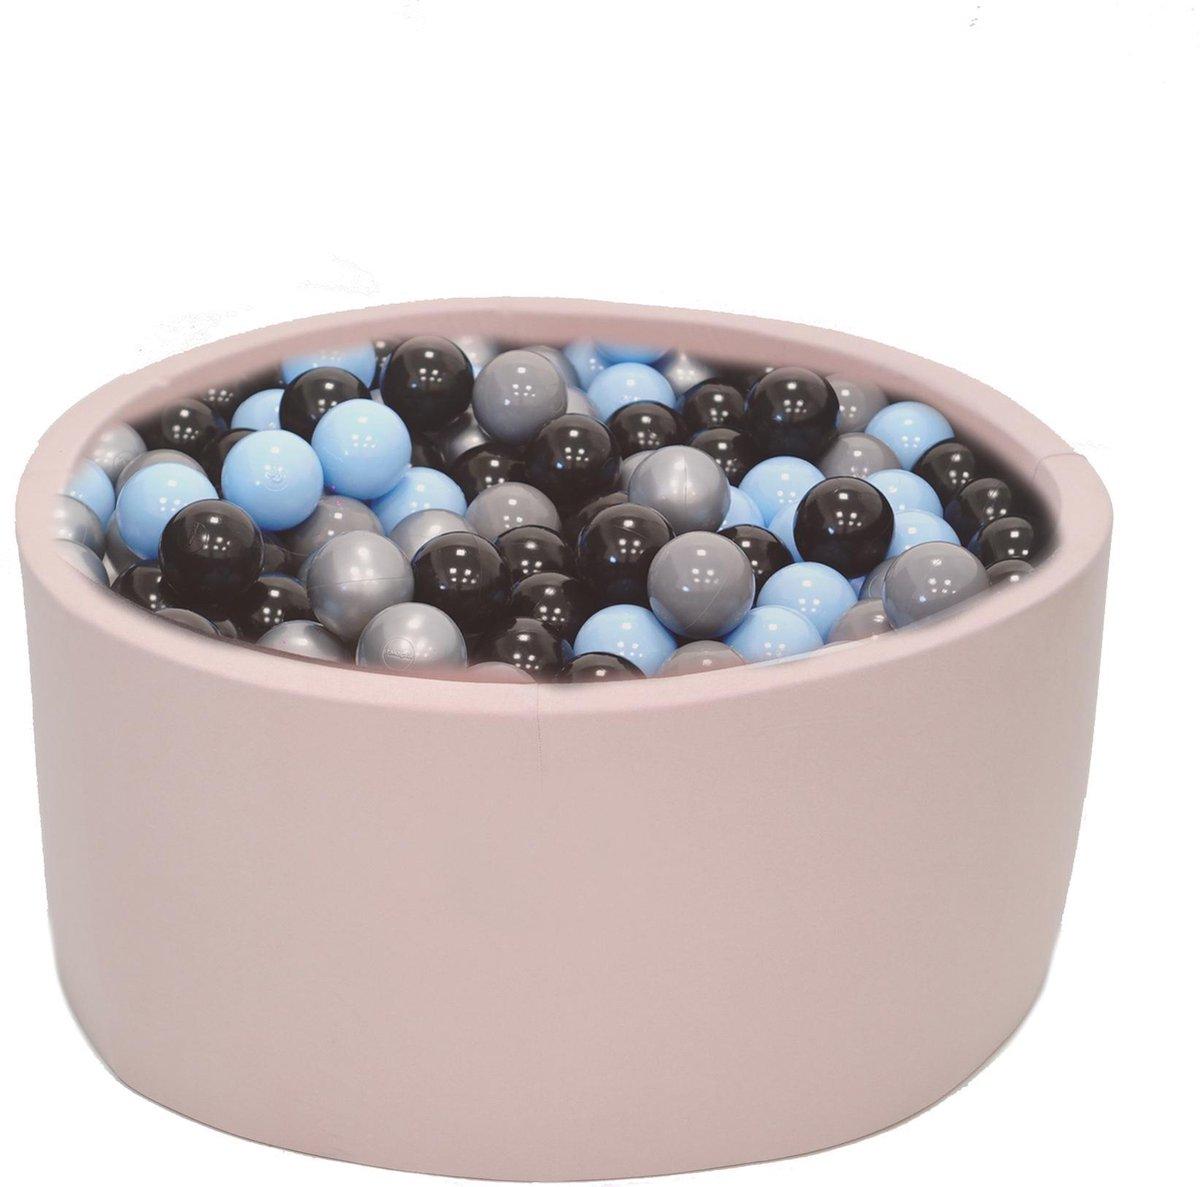 Ballenbak Roze 90x40 met 250 ballen Zilver, Babyblauw, Zwart